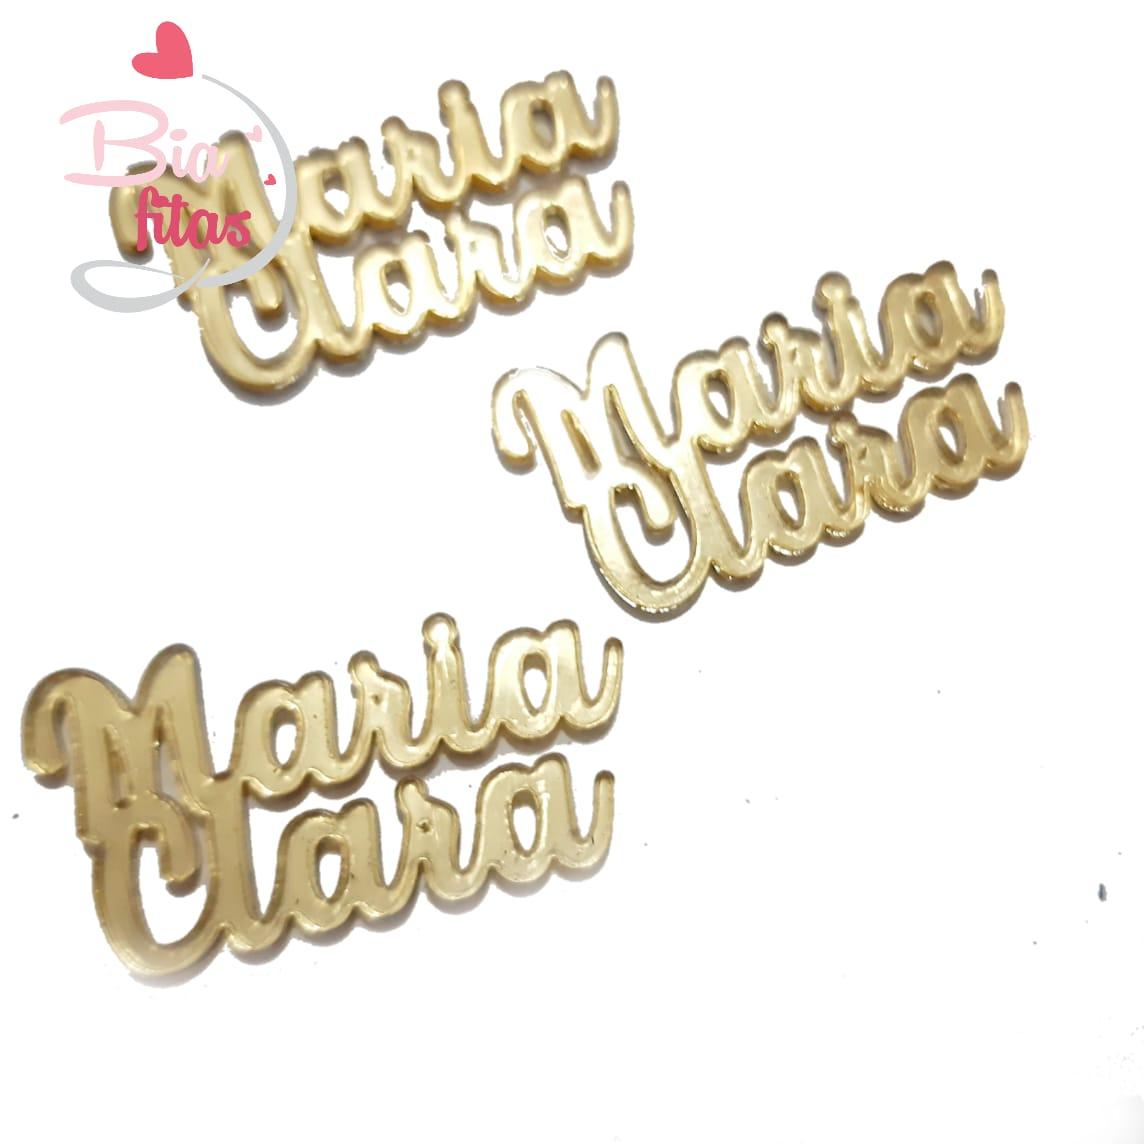 Nome Composto em Acrilico Dourado Espelhado - Maria Clara